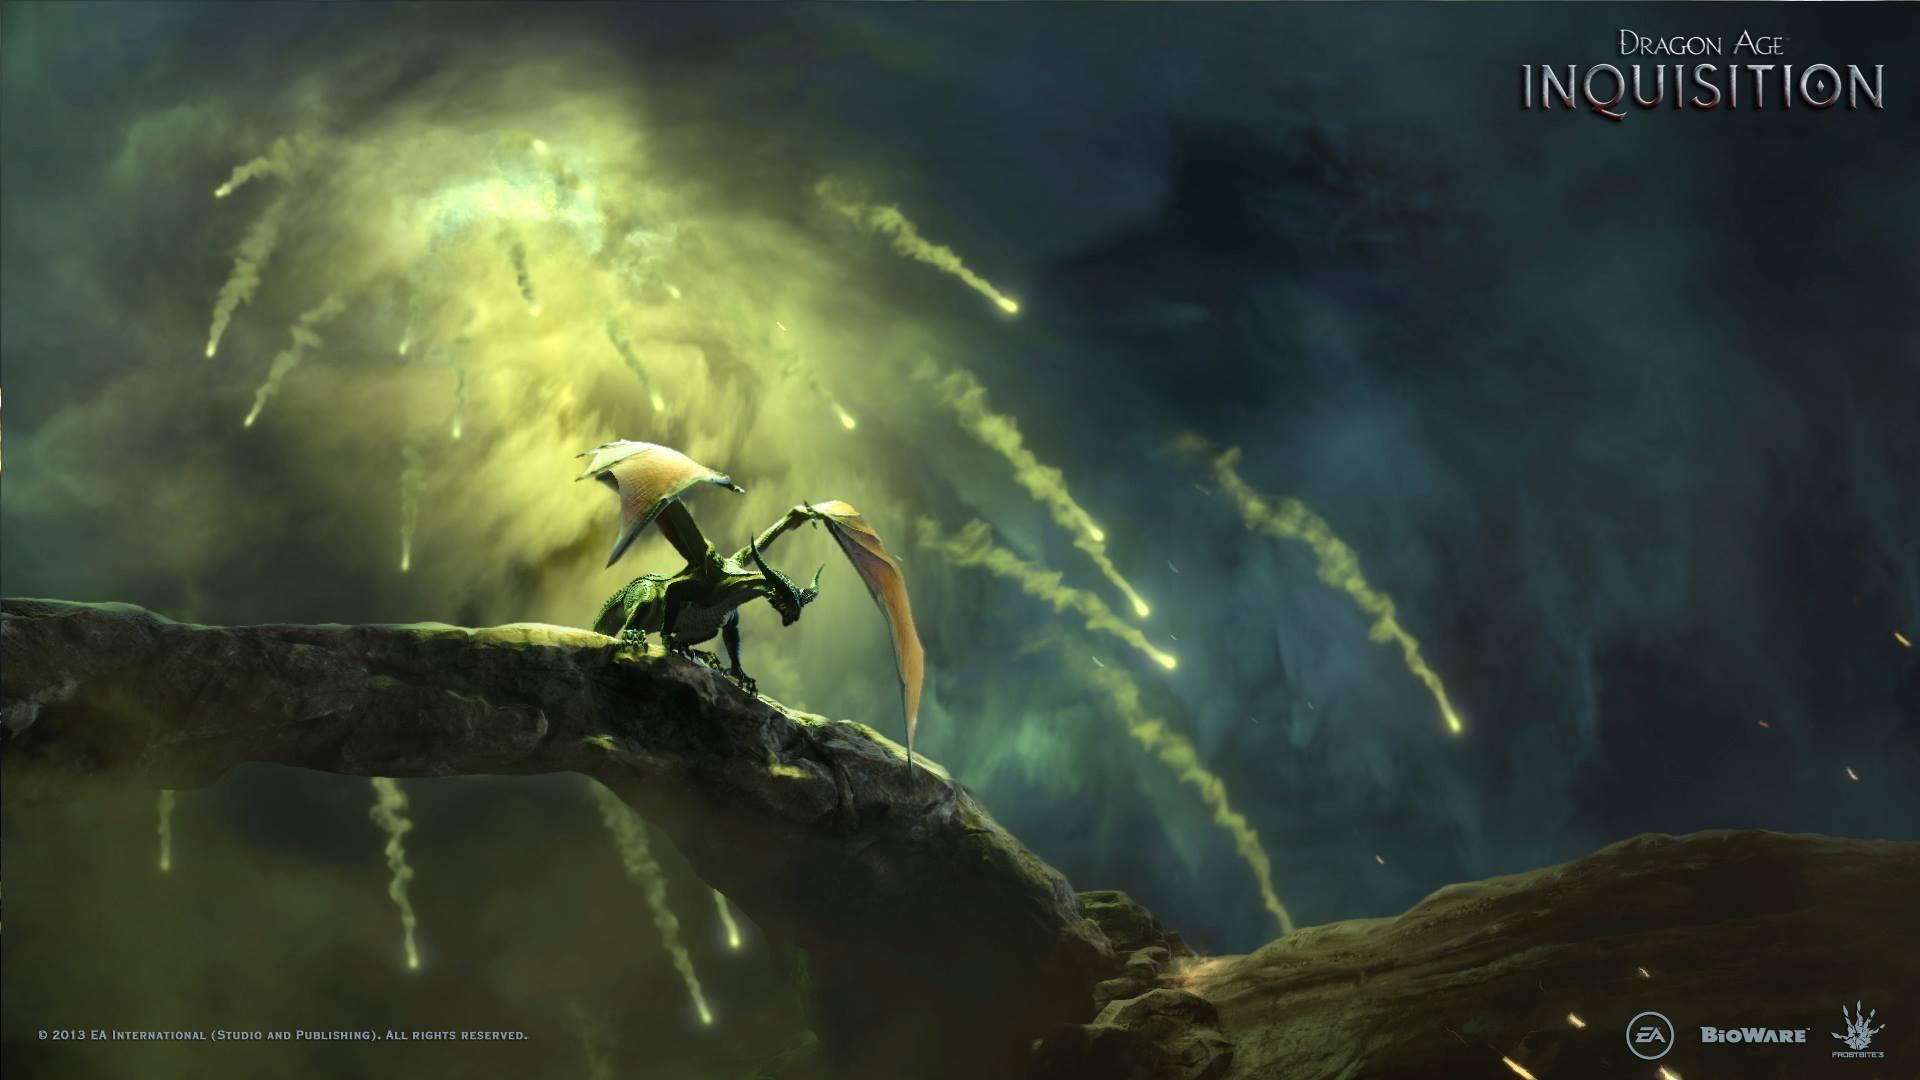 VengefulTemplar/Dragon Age: Inquisition - Concept Art 5